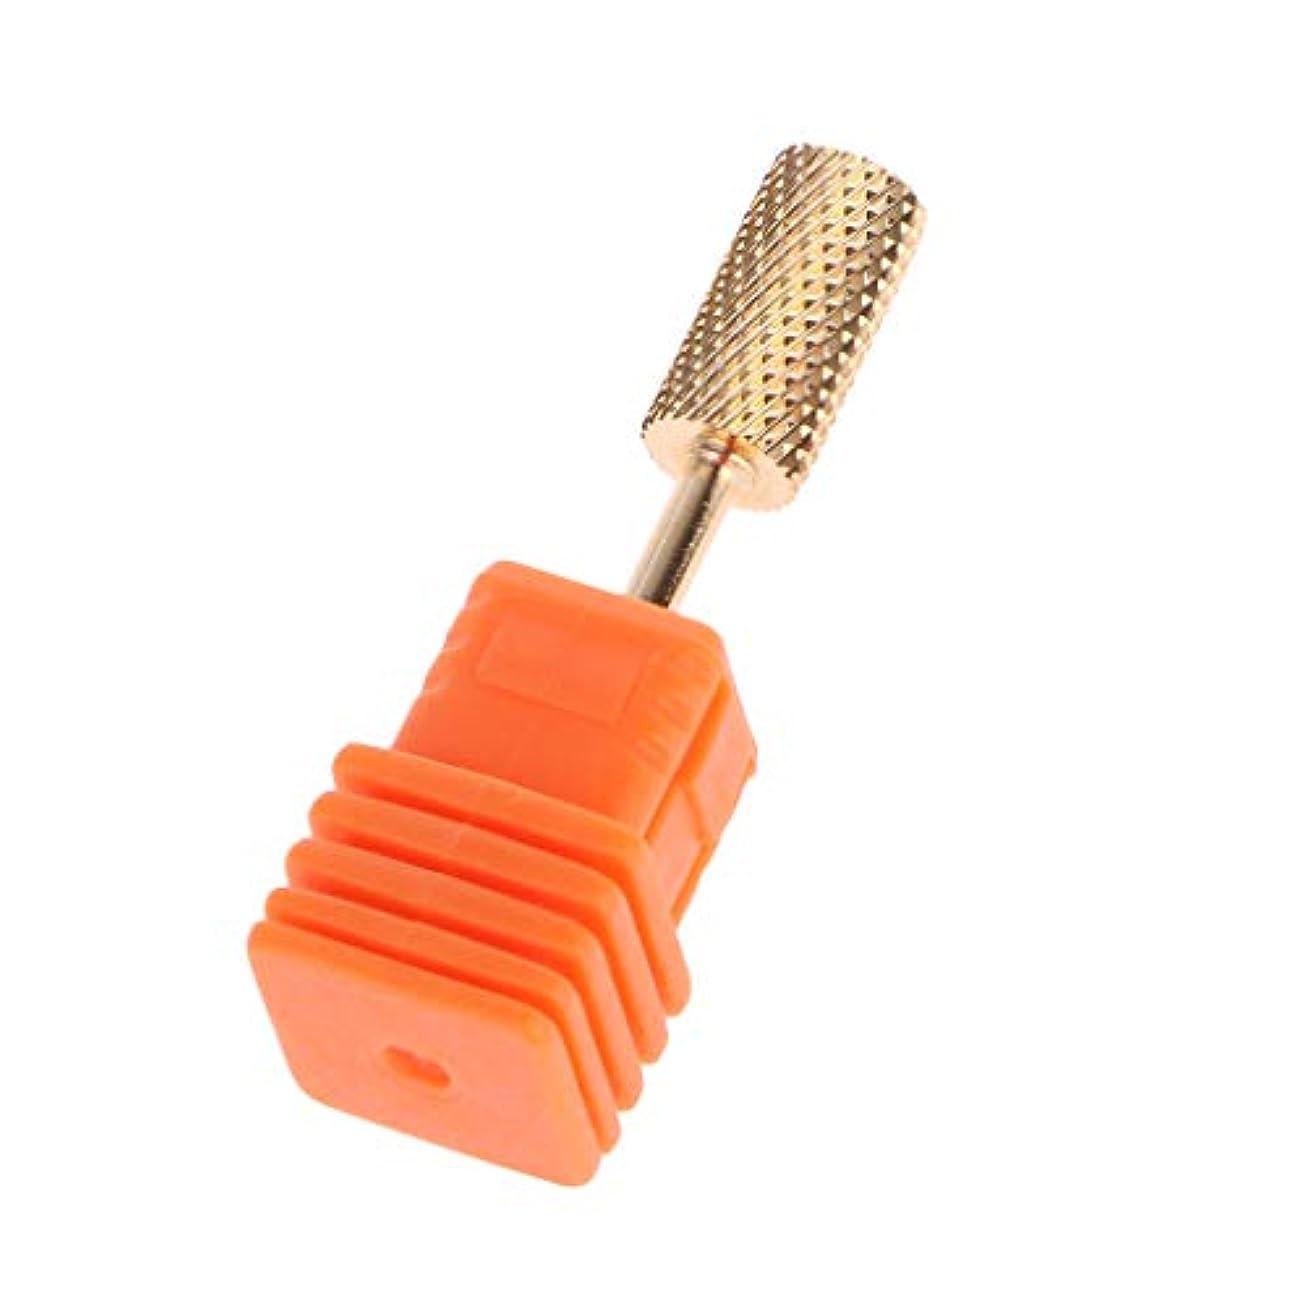 宿題ランチ布ジャッキー金属合金ラウンドヘッドネイルグラインディングヘッド-ゴールドMミディアムミディアムミディアムツースカーバイドネイルドリルビットゴールドコーティングネイルアクリルゲル除去サロンツール